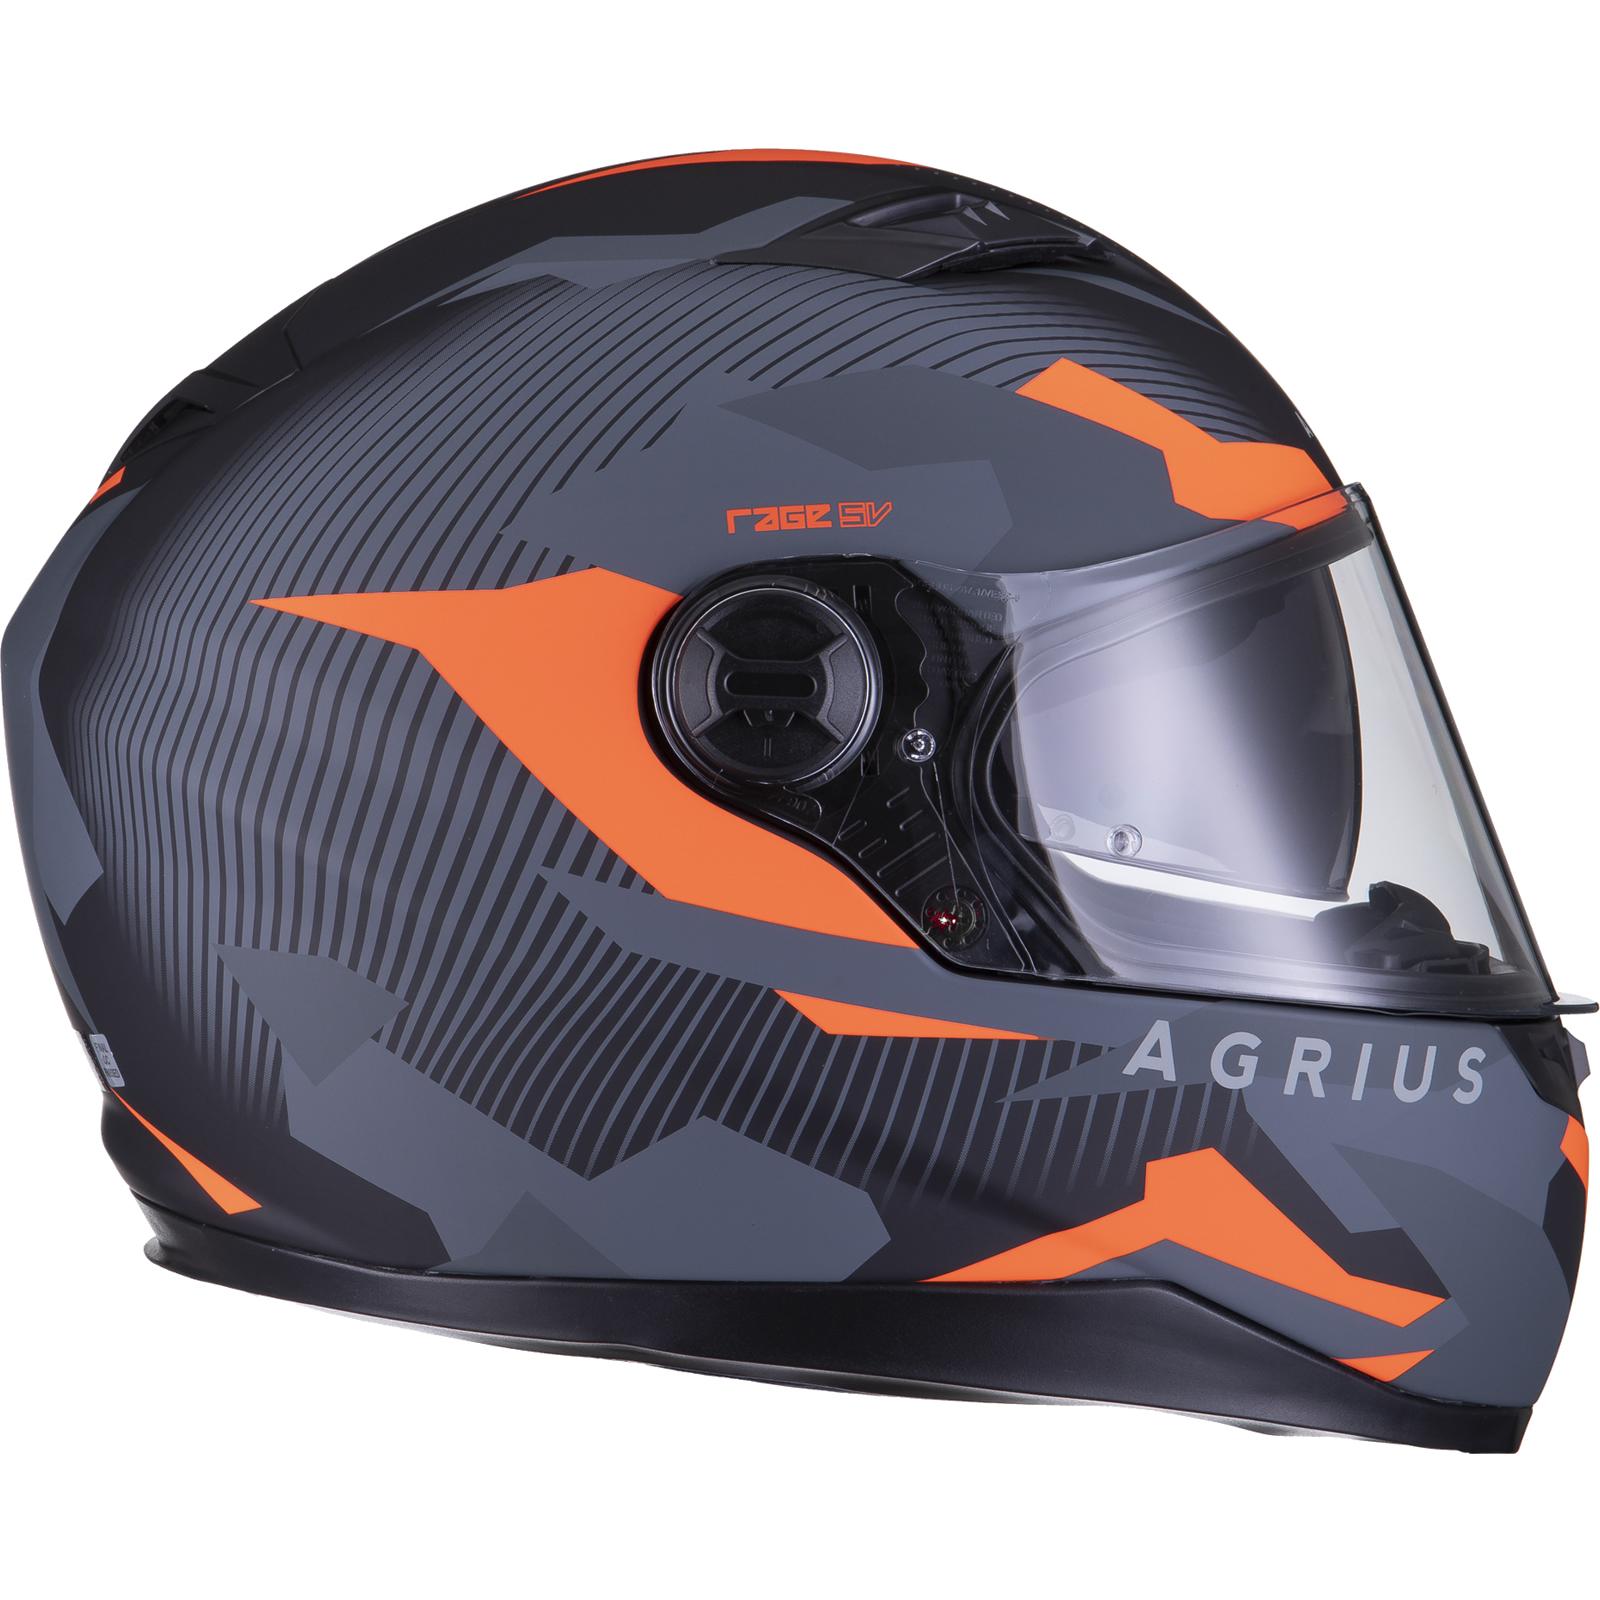 Agrius-Rage-SV-Tracker-Full-Face-Motorcycle-Matt-Helmet-bike-Road-Bike-Scooter thumbnail 36